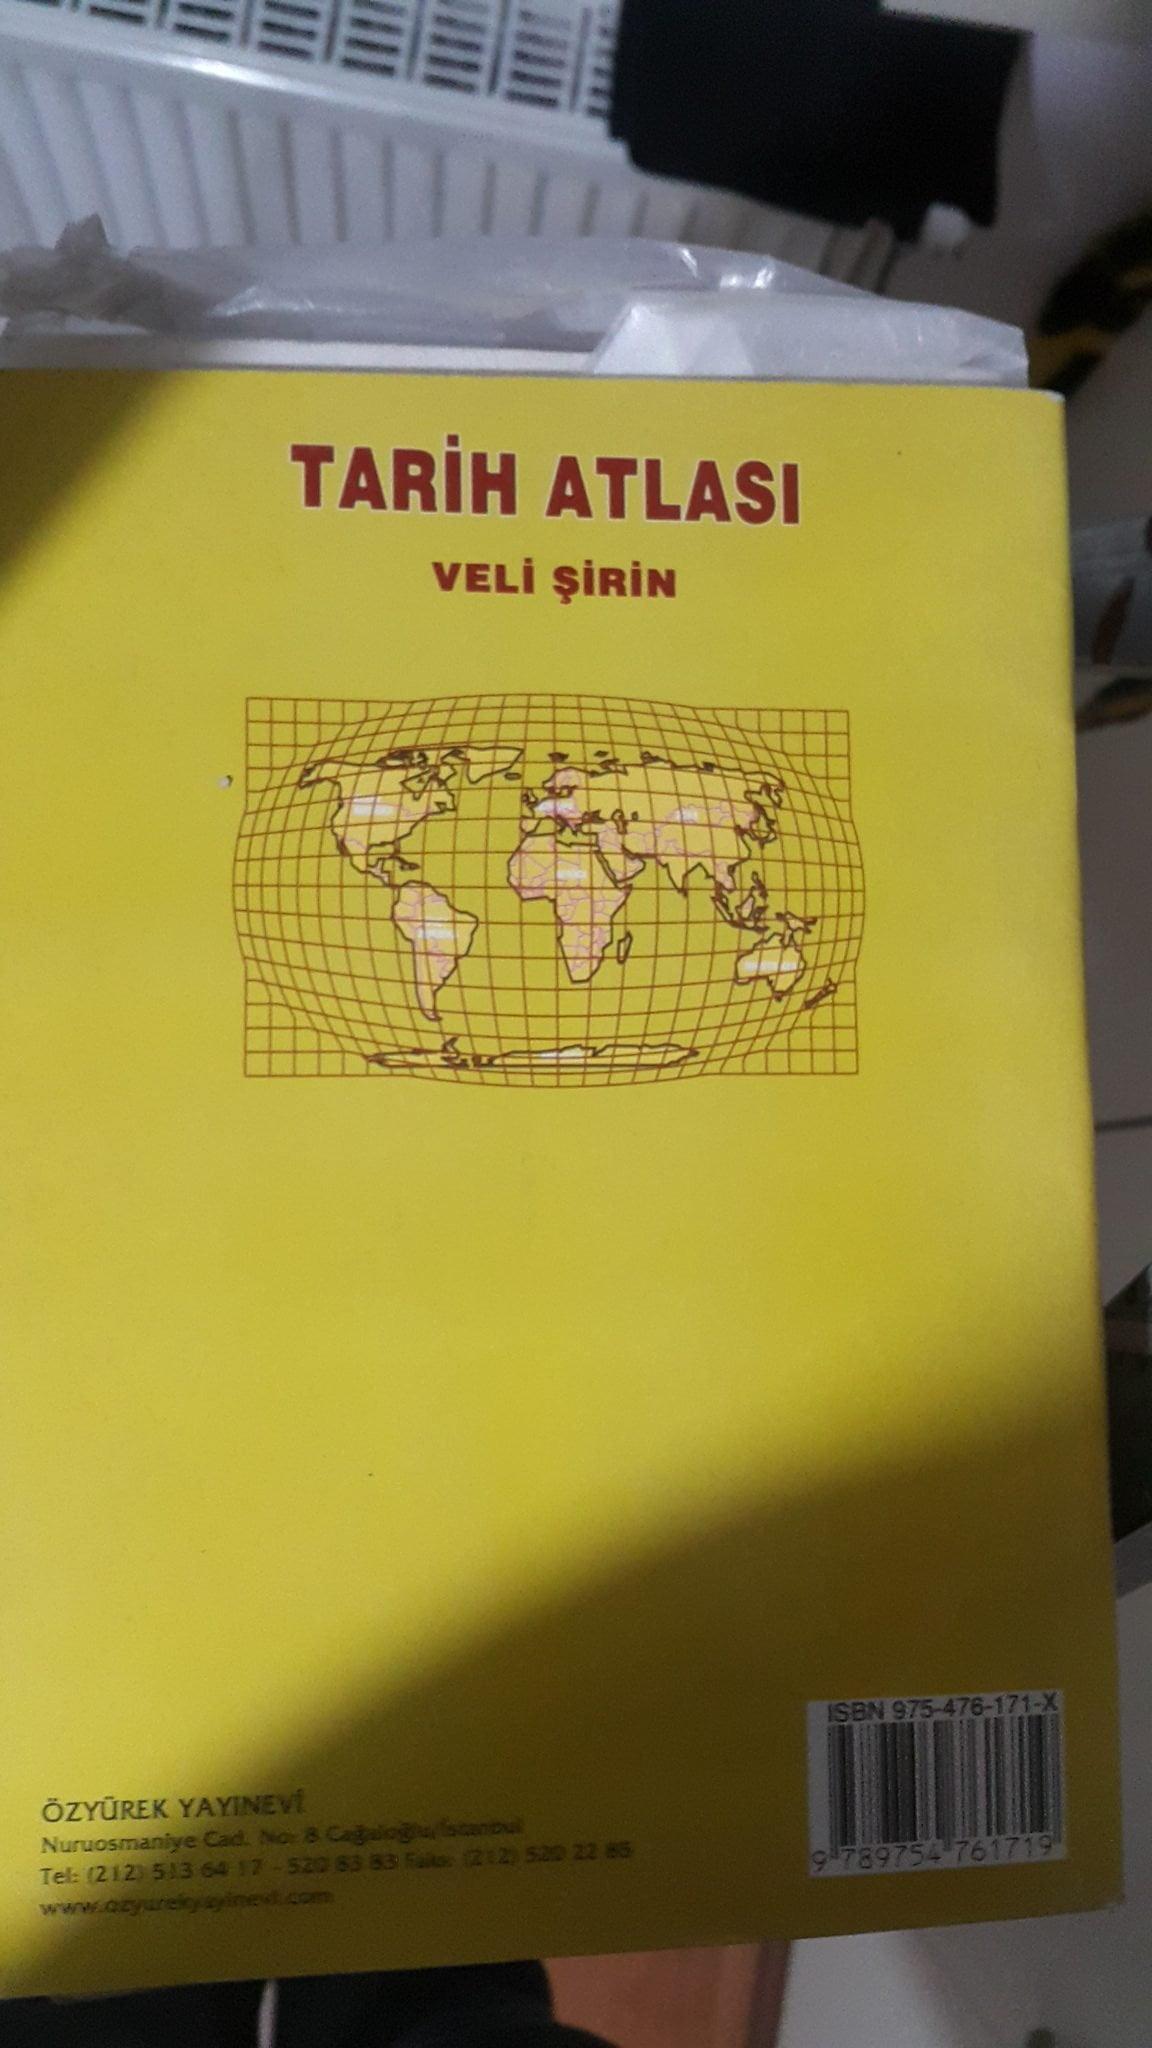 TARİH ATLASI/VELİ ŞİRİN